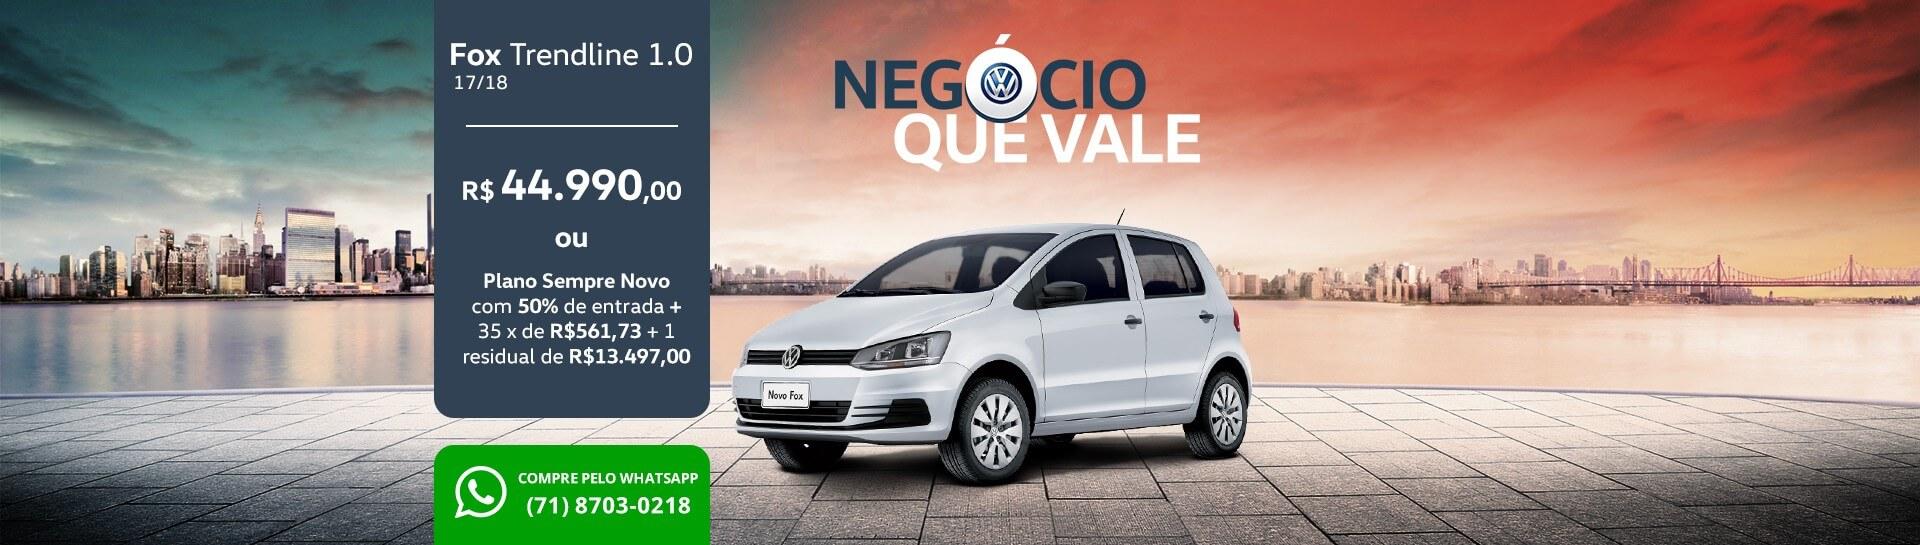 Negócio que Vale - Fox - Sanave Volkswagen